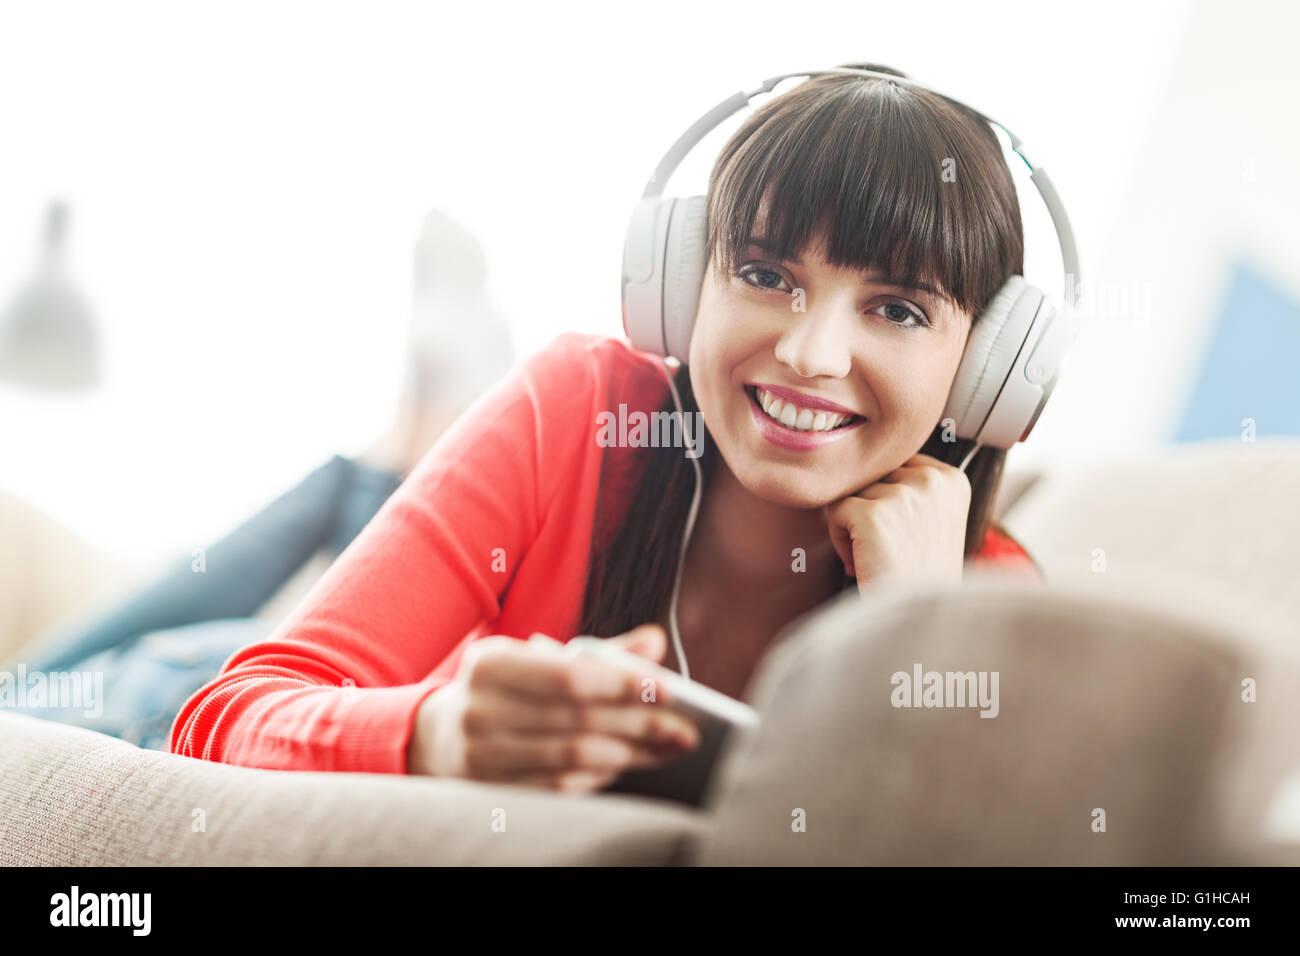 Smiling young woman relaxing at home sur le canapé, elle porte un casque, à l'aide d'une tablette Photo Stock